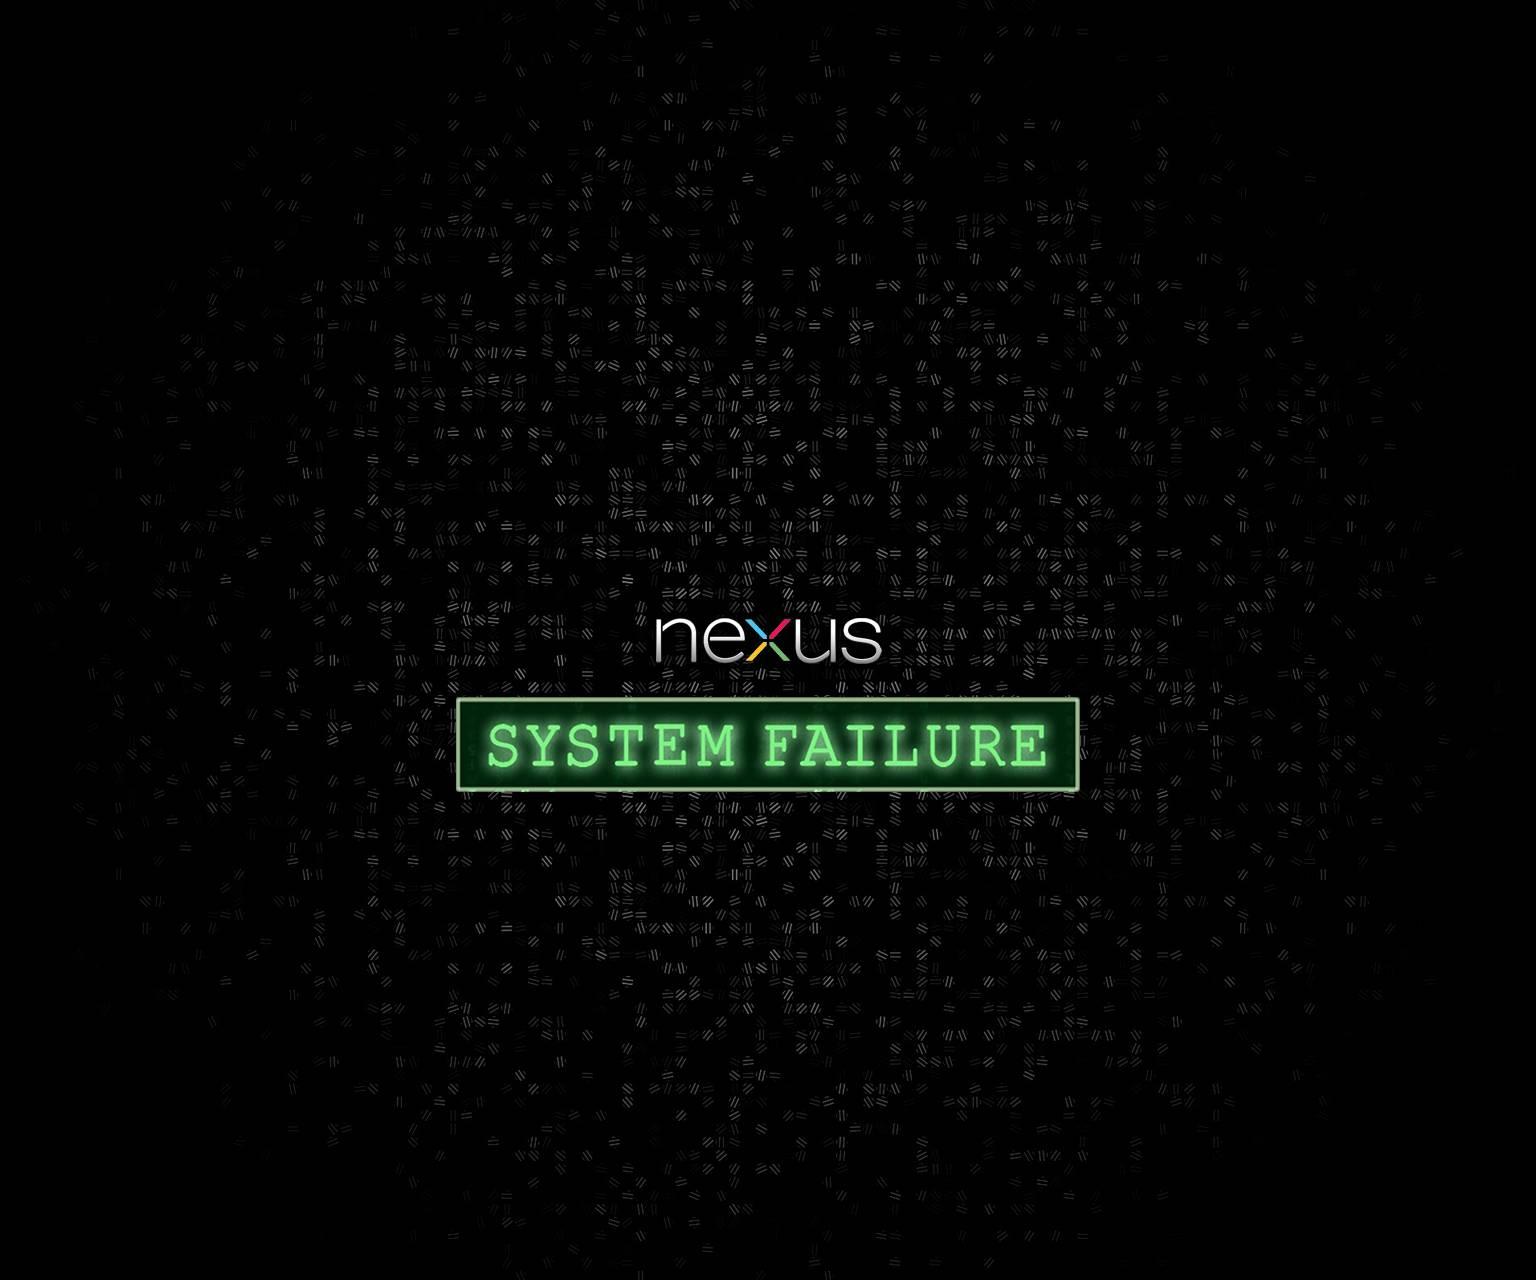 best nexus matrix